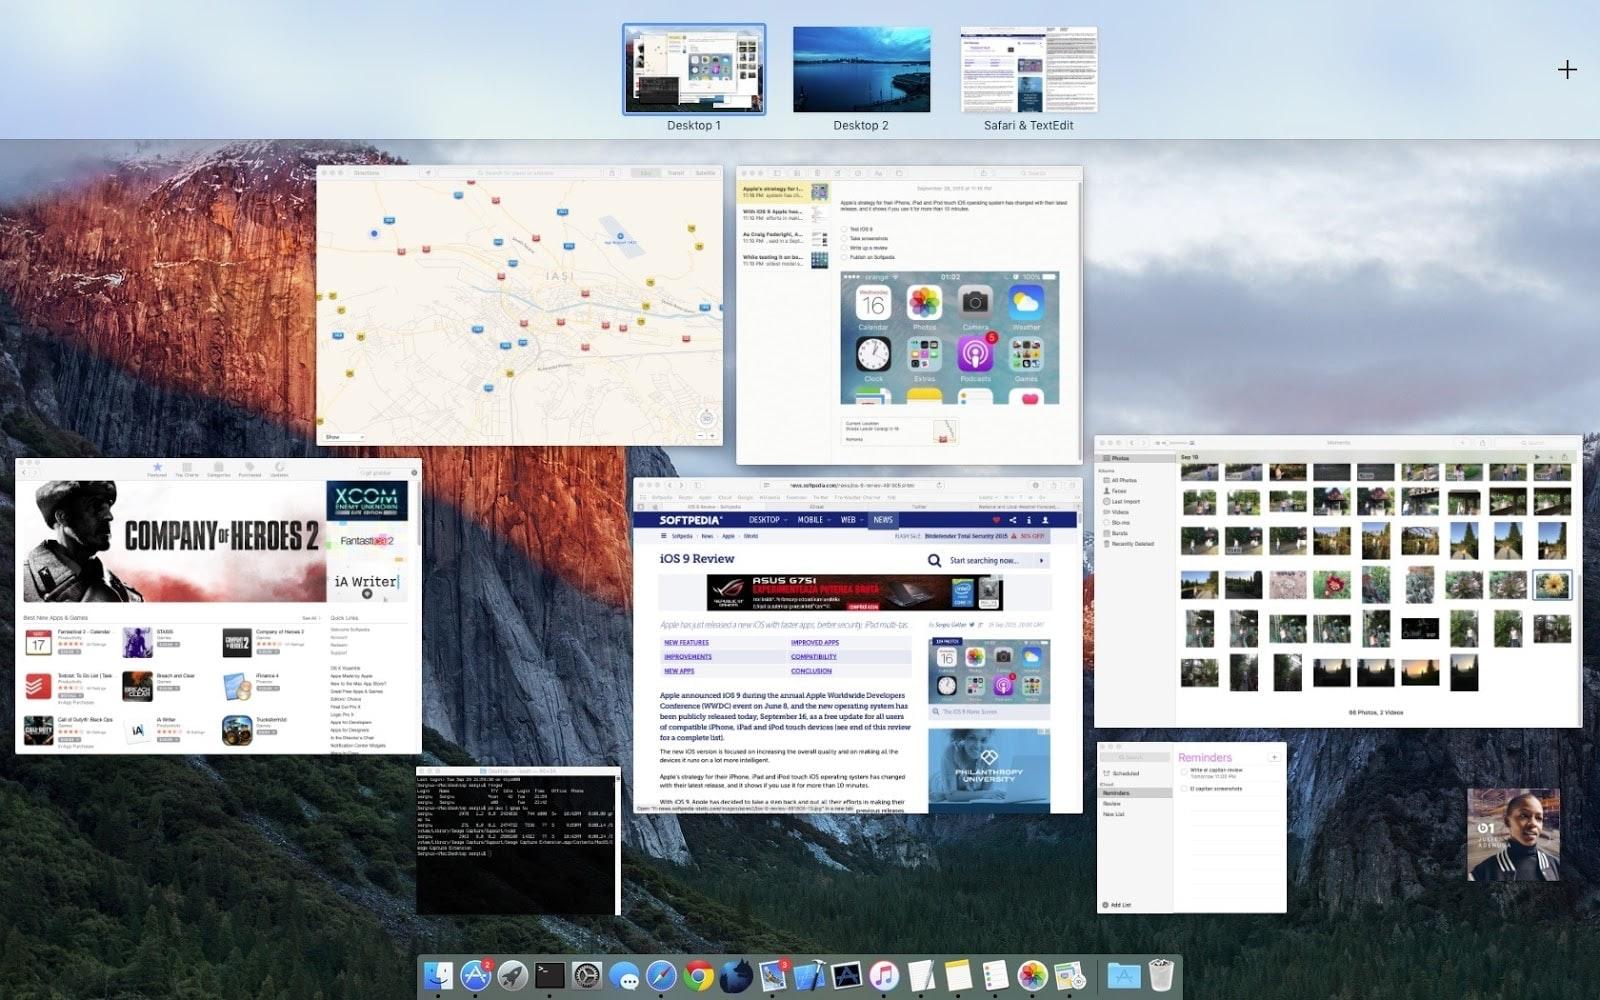 OS X 10.11 (El Capitan)